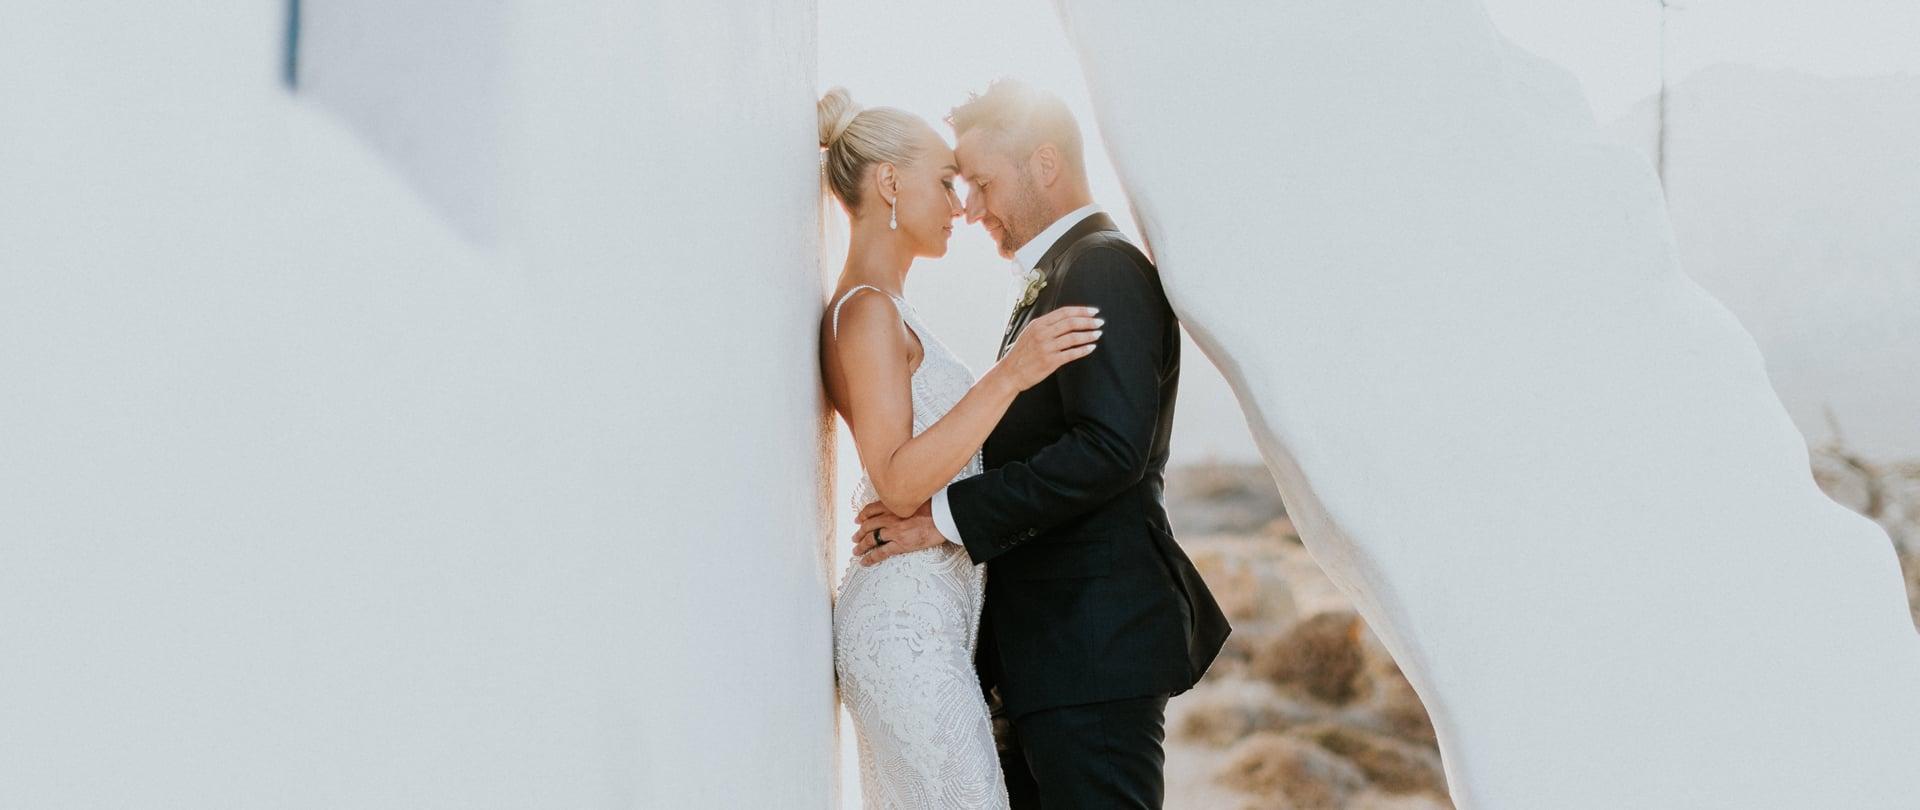 Marina & Nick Wedding Video Filmed at Mykonos, Greece